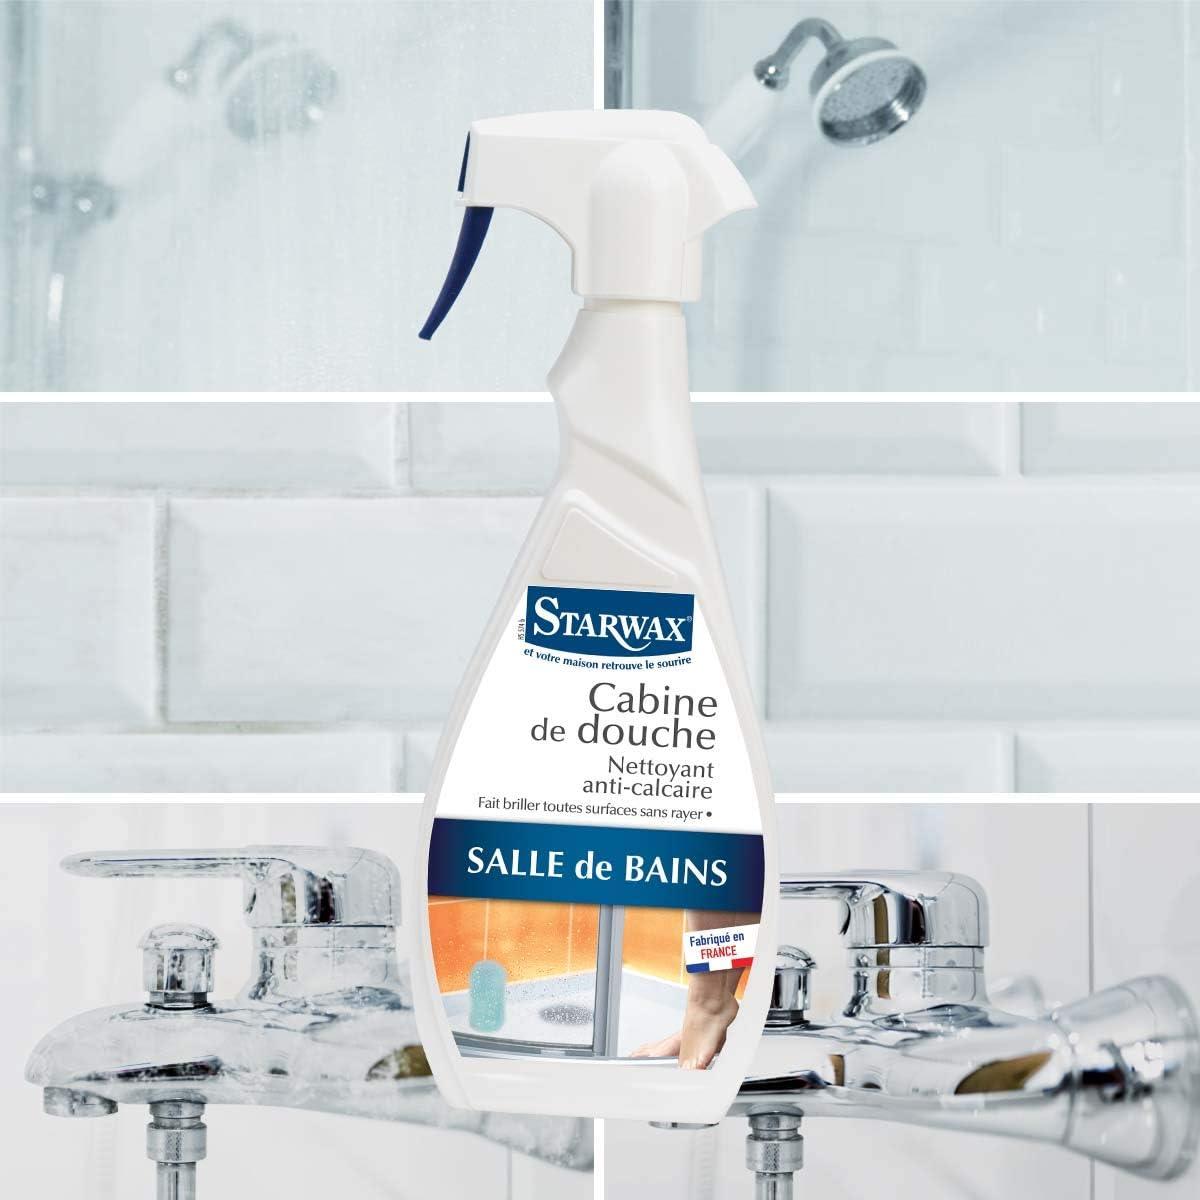 Starwax Nettoyant cabine de douche anti-calcaire - Le spray de 19ml